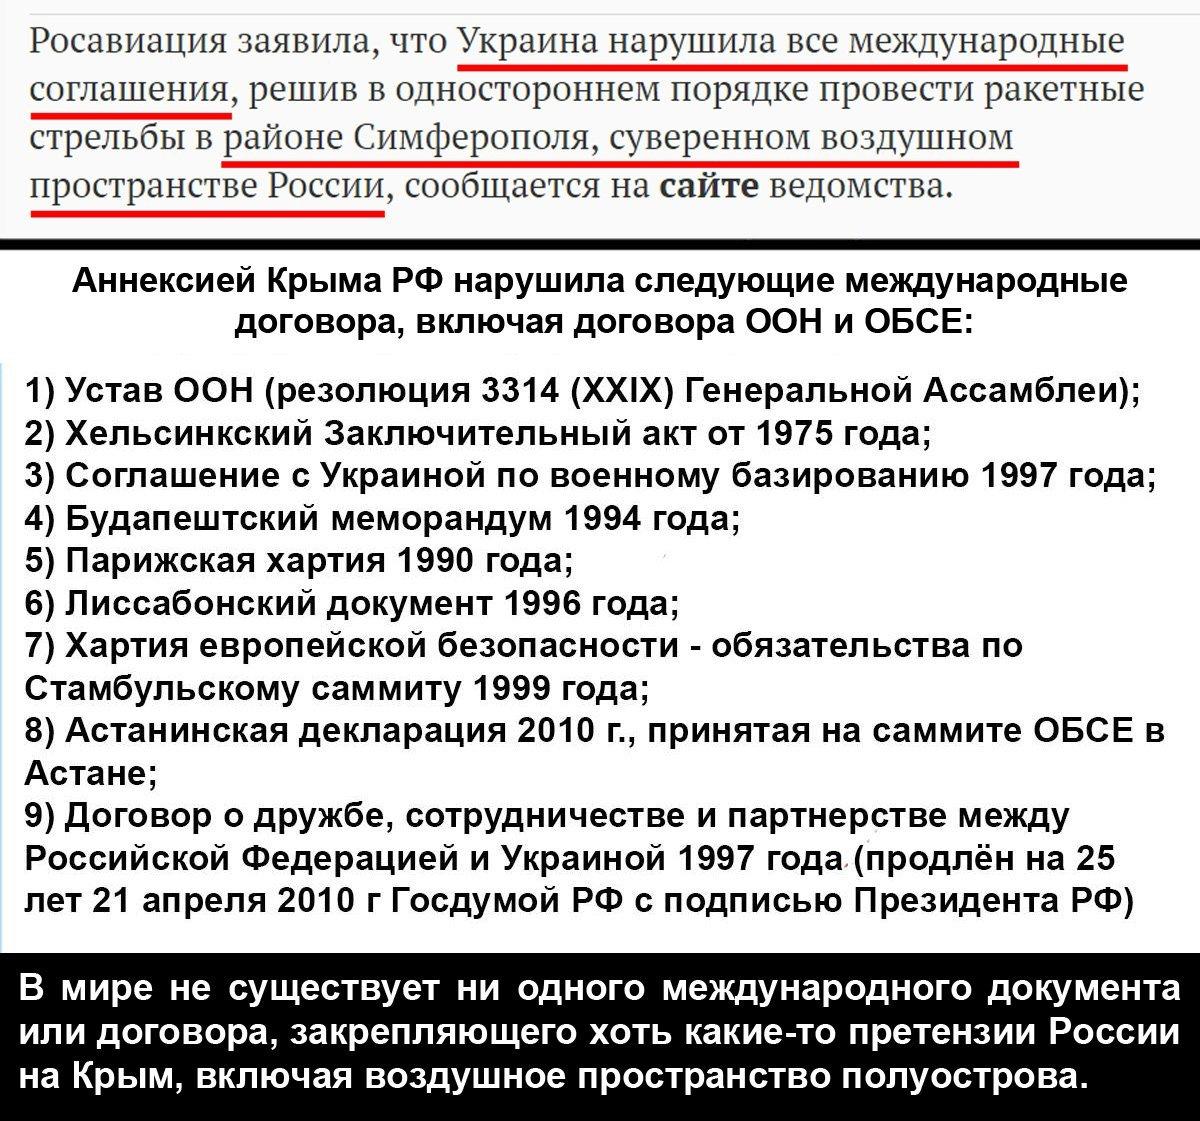 Дела соратников Януковича безосновательно передали военной прокуратуре, - Горбатюк - Цензор.НЕТ 5230